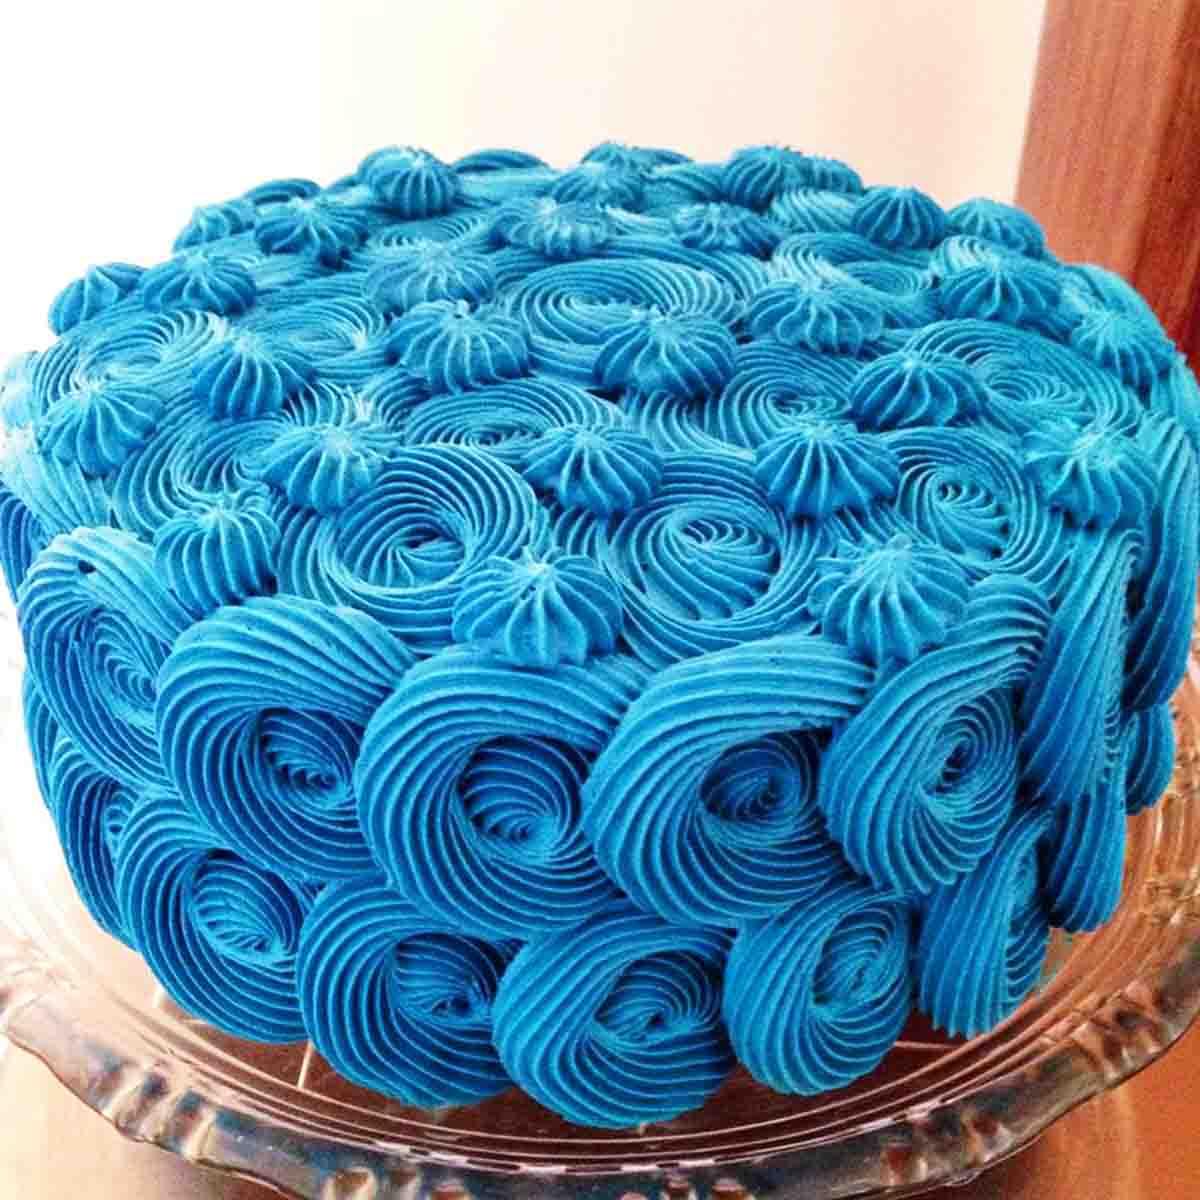 Corante Alimentício Soft Gel 25G Cor Azul Anis Mix